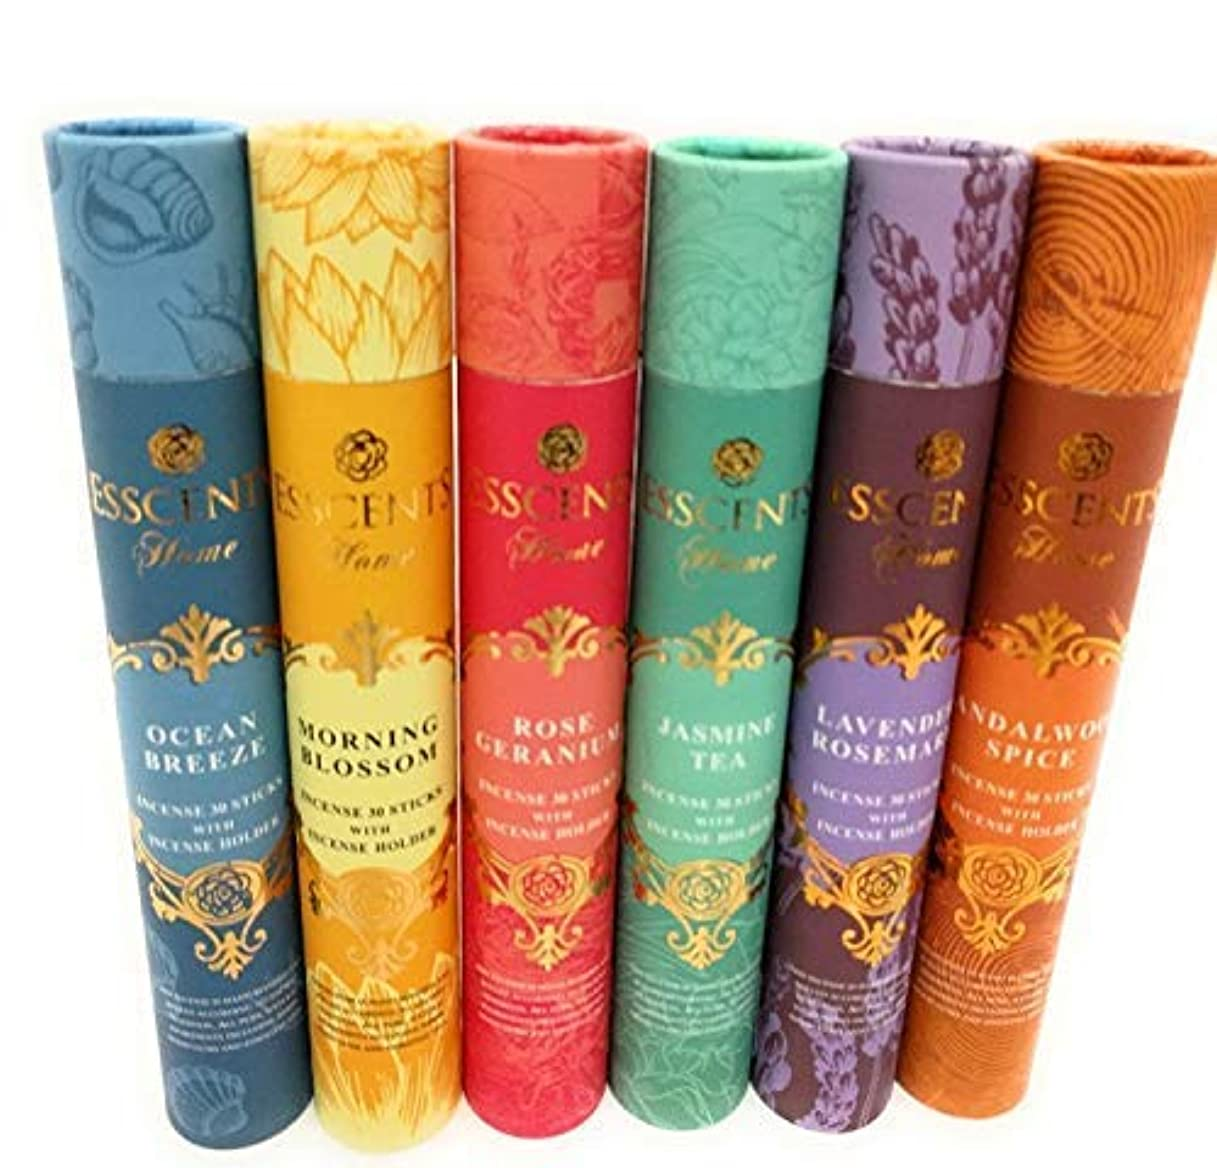 略すランチ季節Essence incense gift pack 180 sticks with incense holder 6 flavours, Ocean,Morning Blosom,Jasmine tea,Rose Geranium...